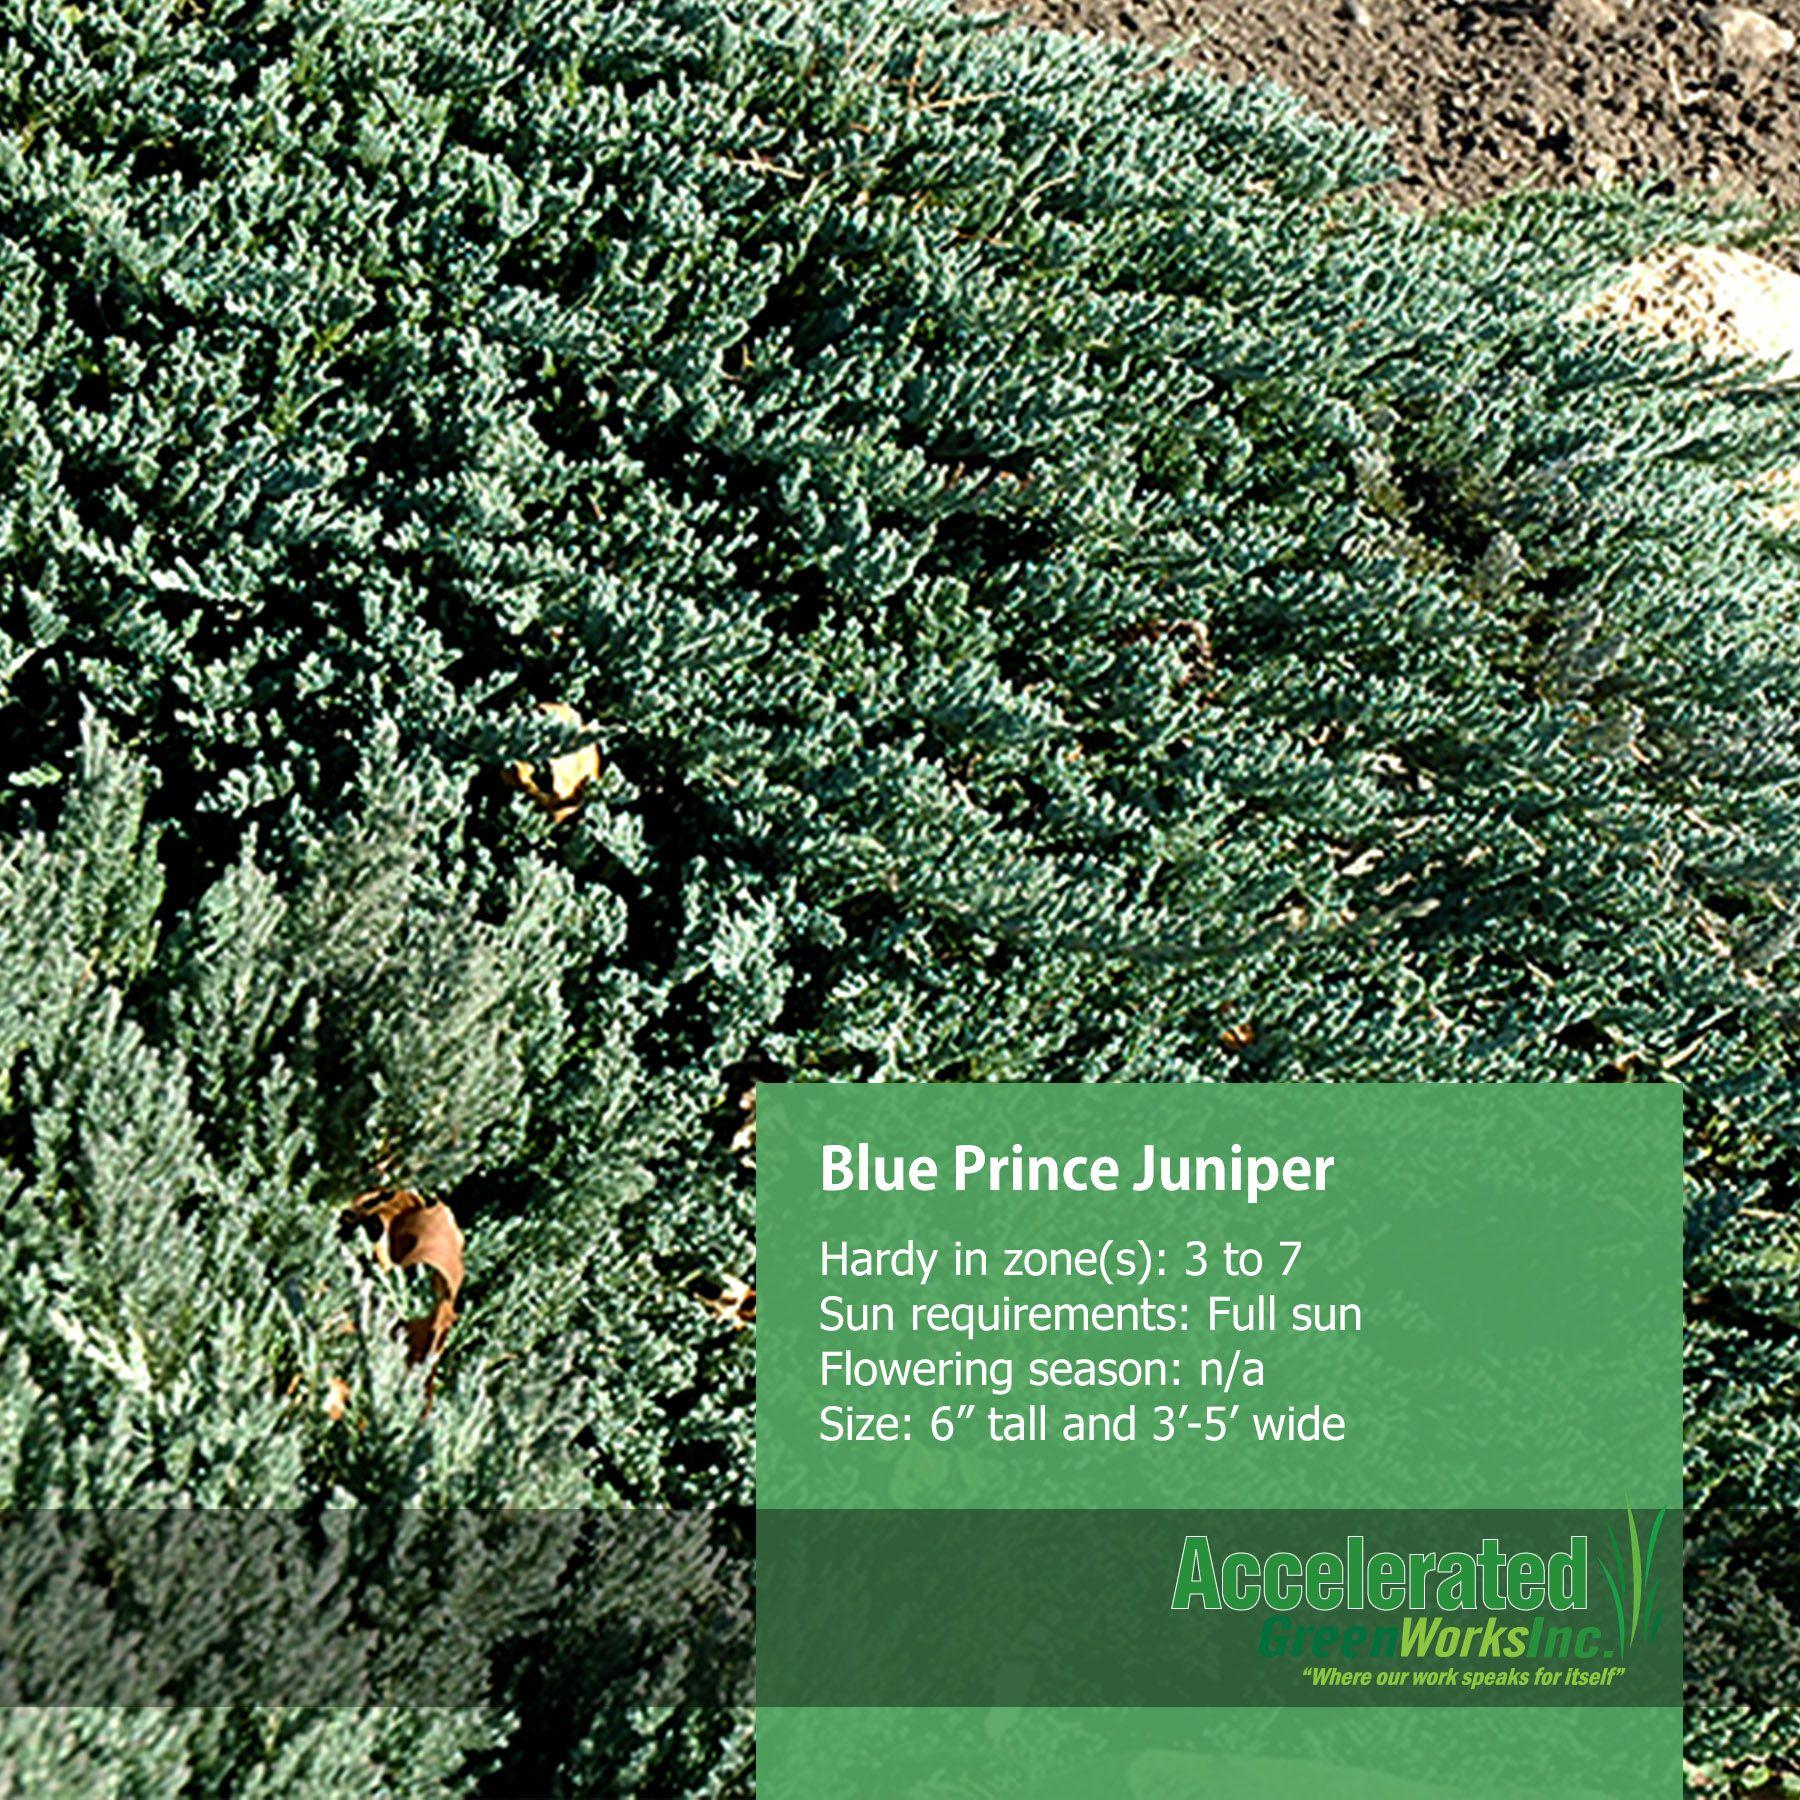 Fat albert spruce evergreens pinterest evergreen and gardens blue prince juniper reviewsmspy